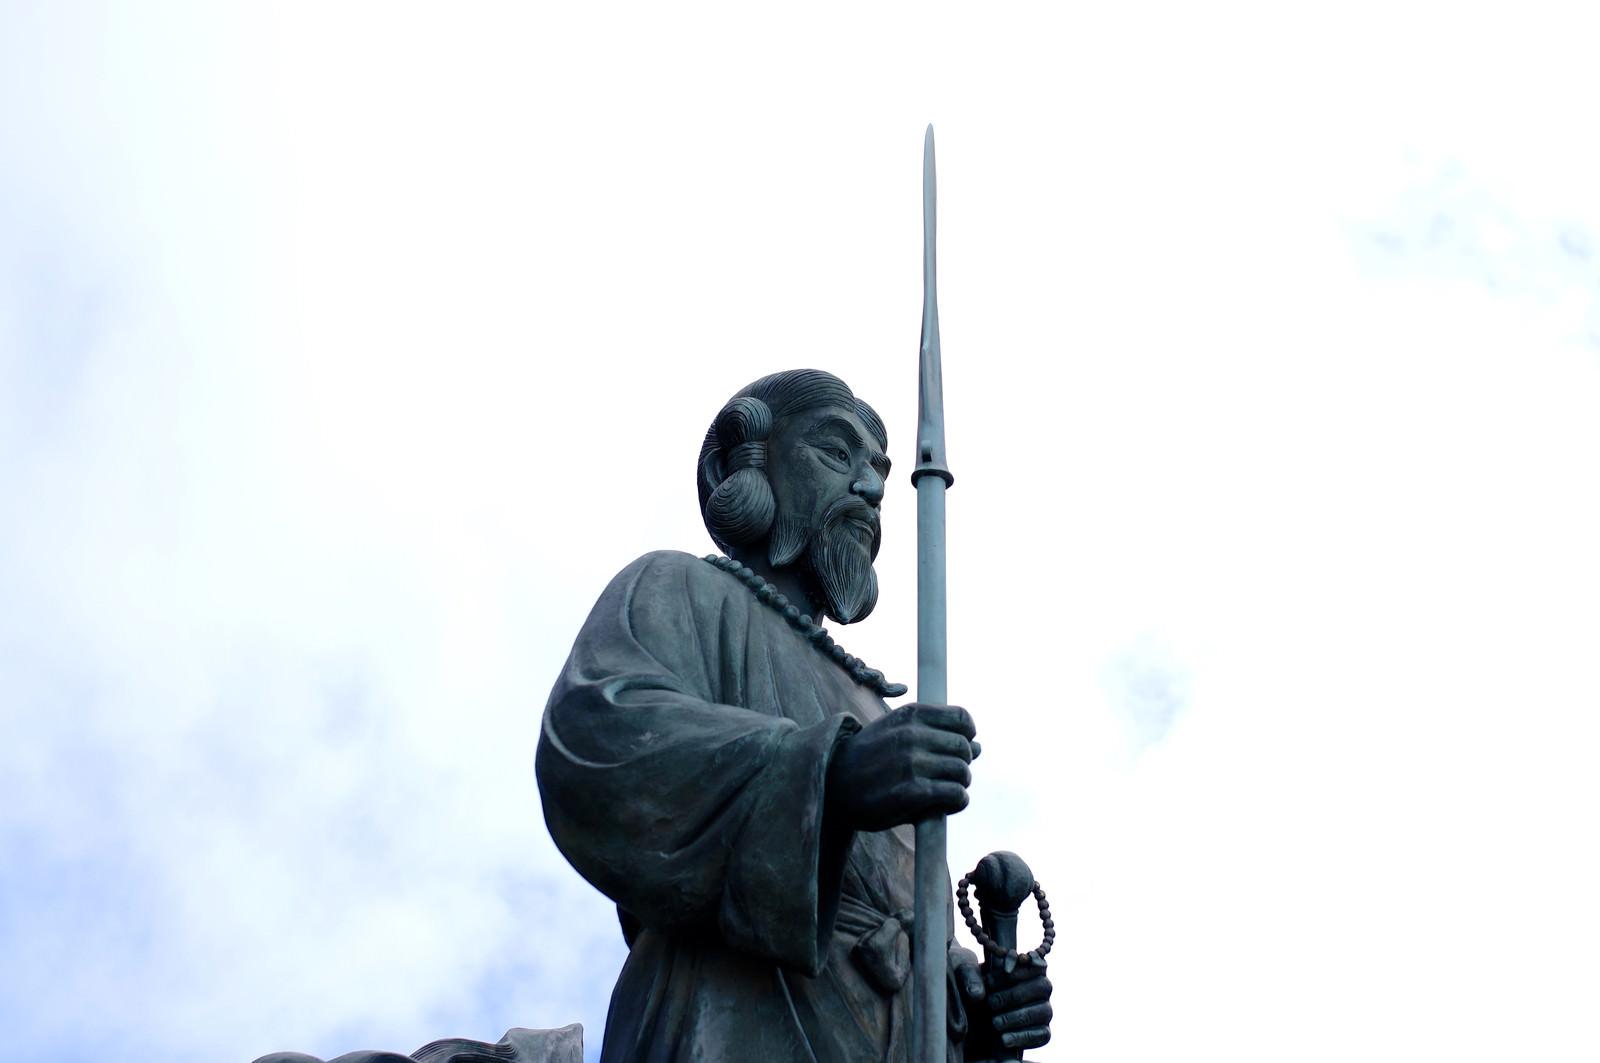 「男体山山頂の日本武尊(やまとたけるのみこと)」の写真